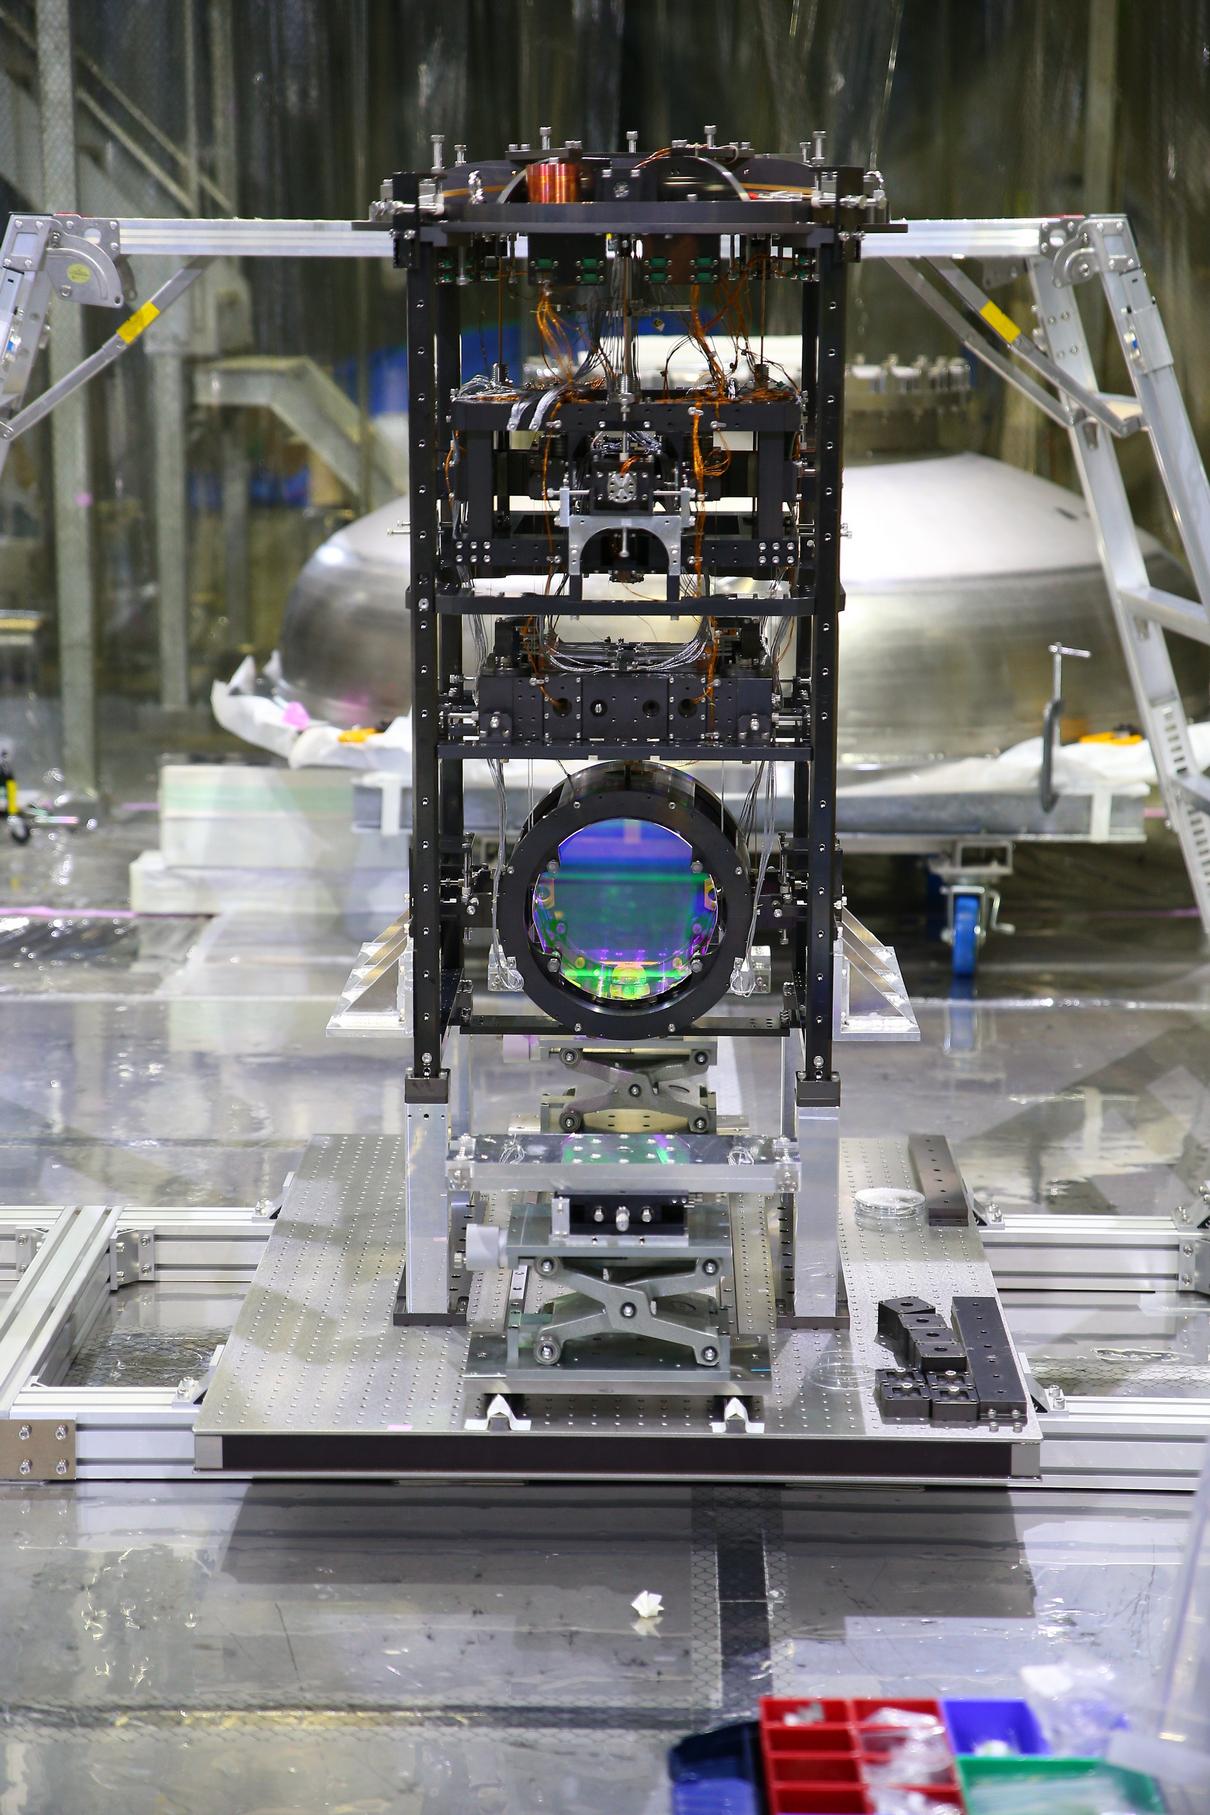 Рис. 2. Сапфировое зеркало установки KAGRA в криогенной системе подвеса. (c) Rohan Mehra, provided via ICRR, Univ. of Tokyo